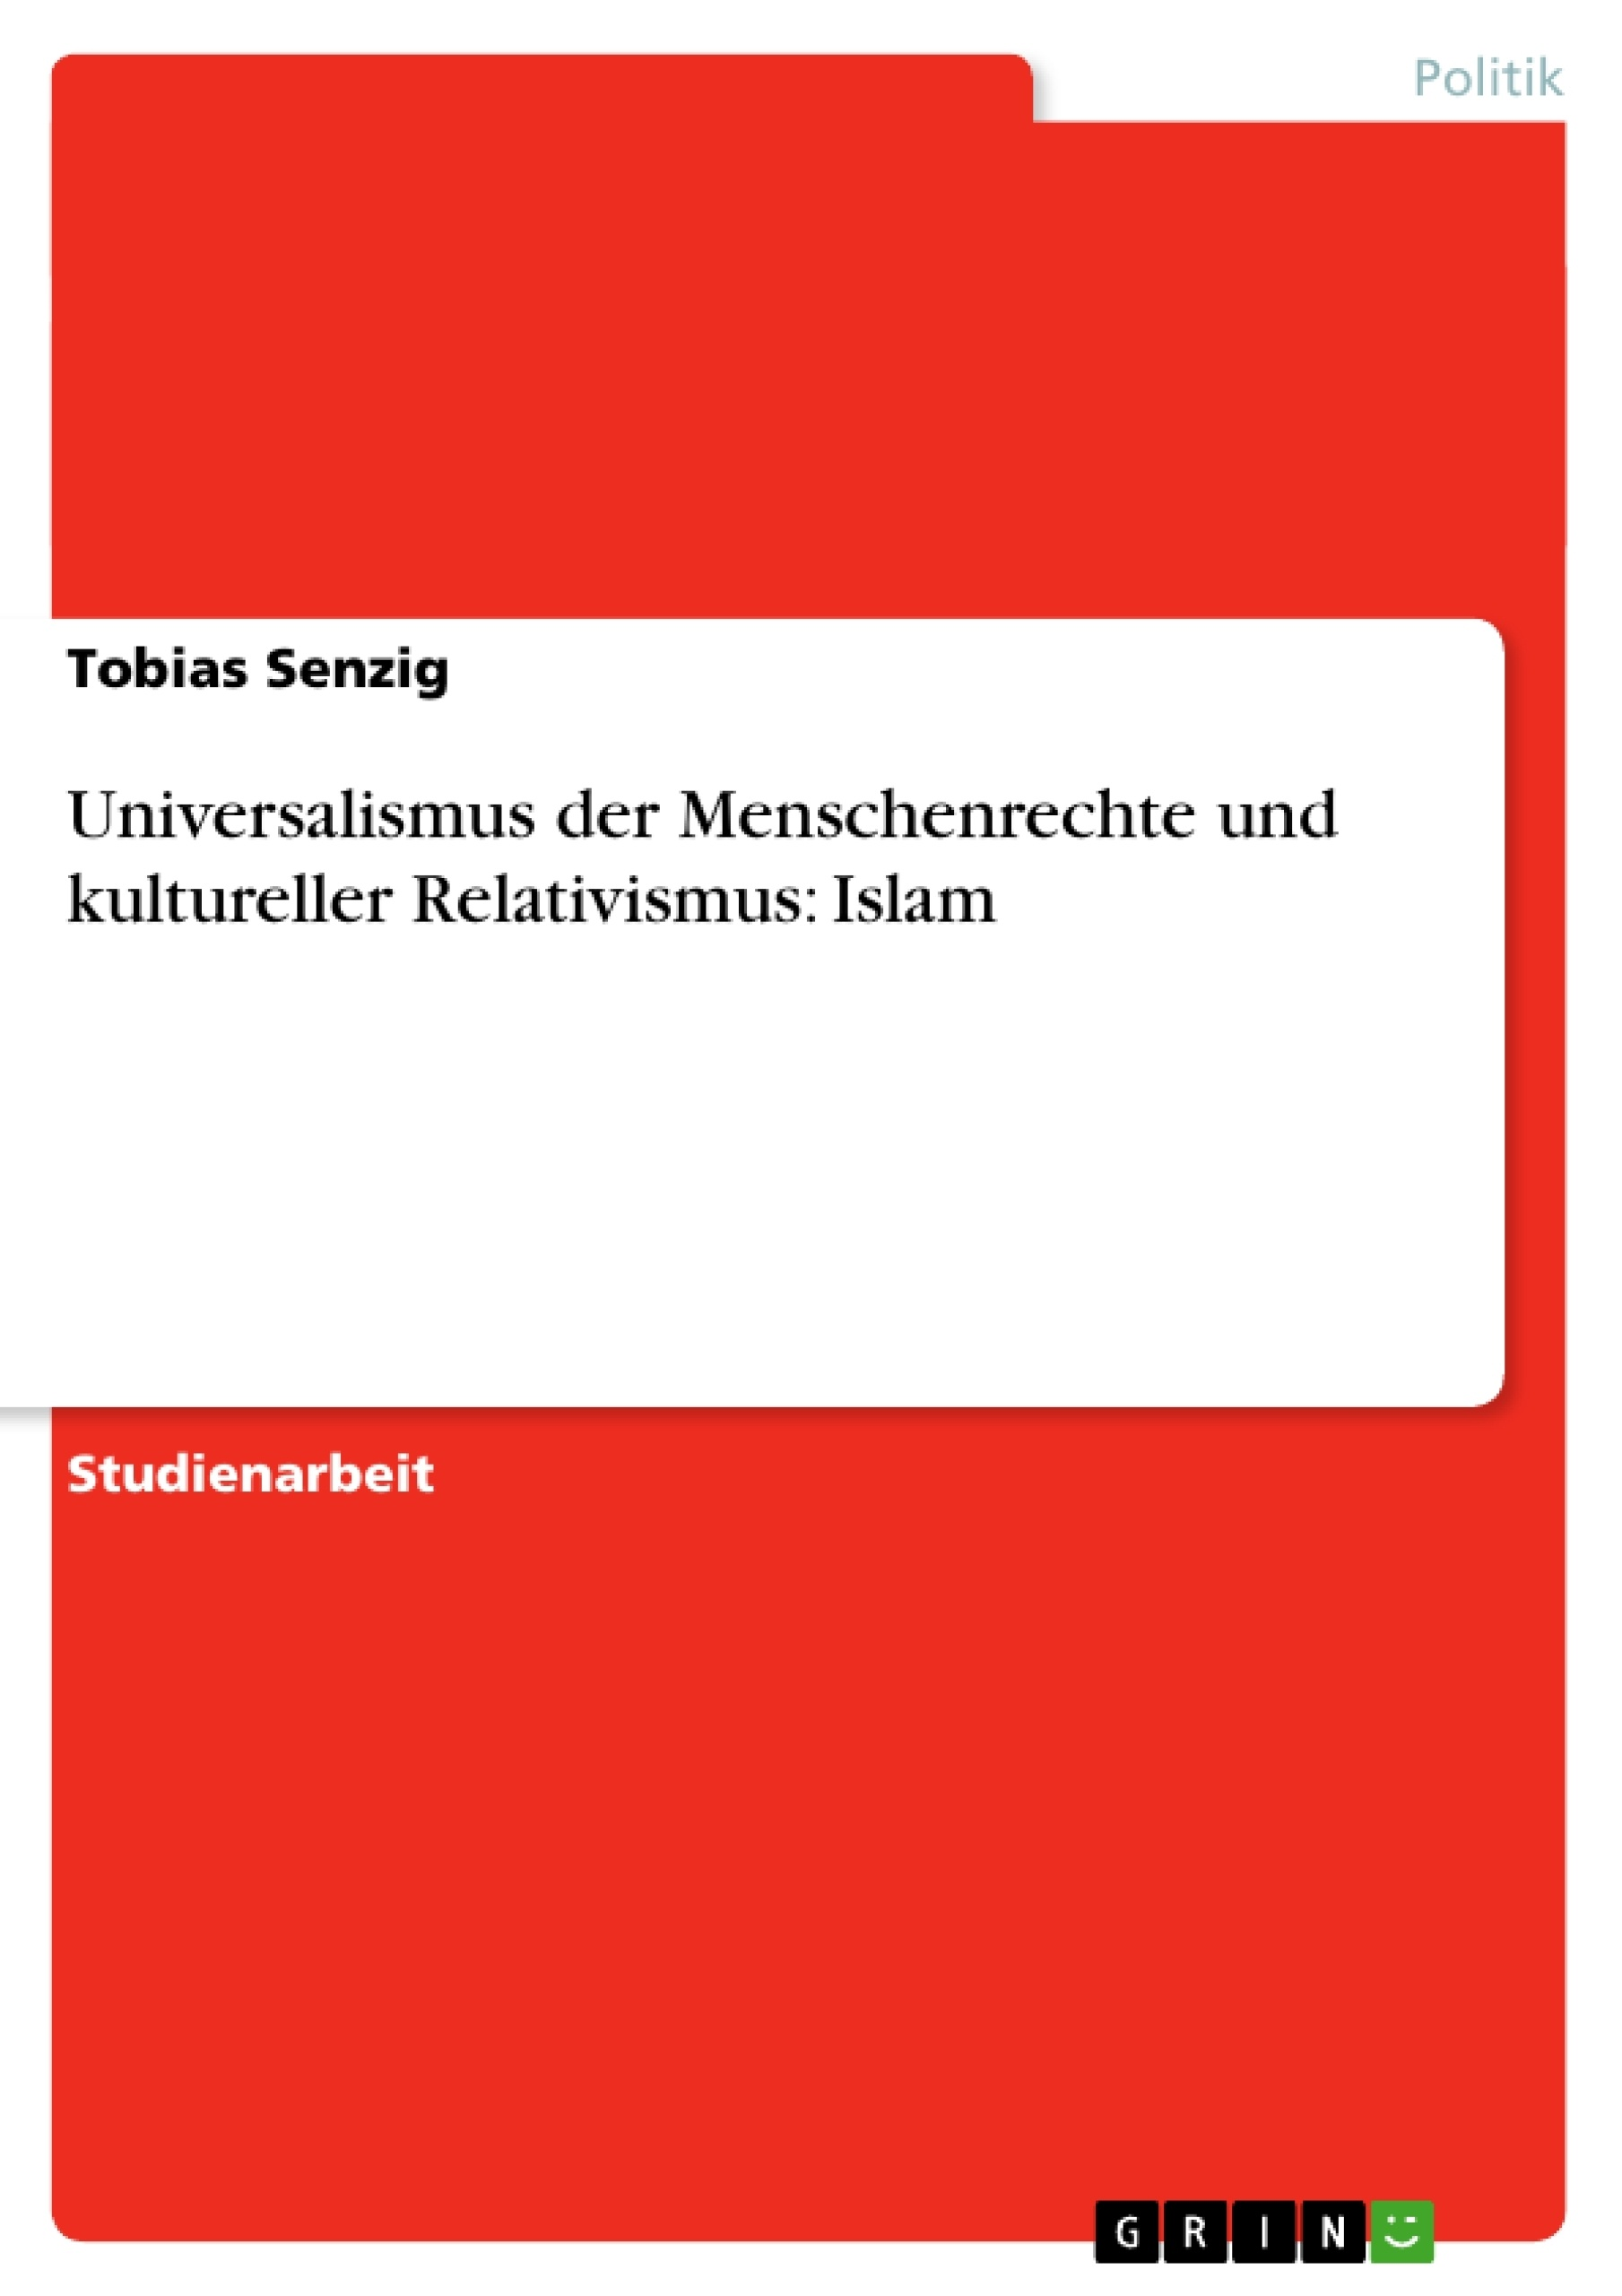 Titel: Universalismus der Menschenrechte und kultureller Relativismus: Islam